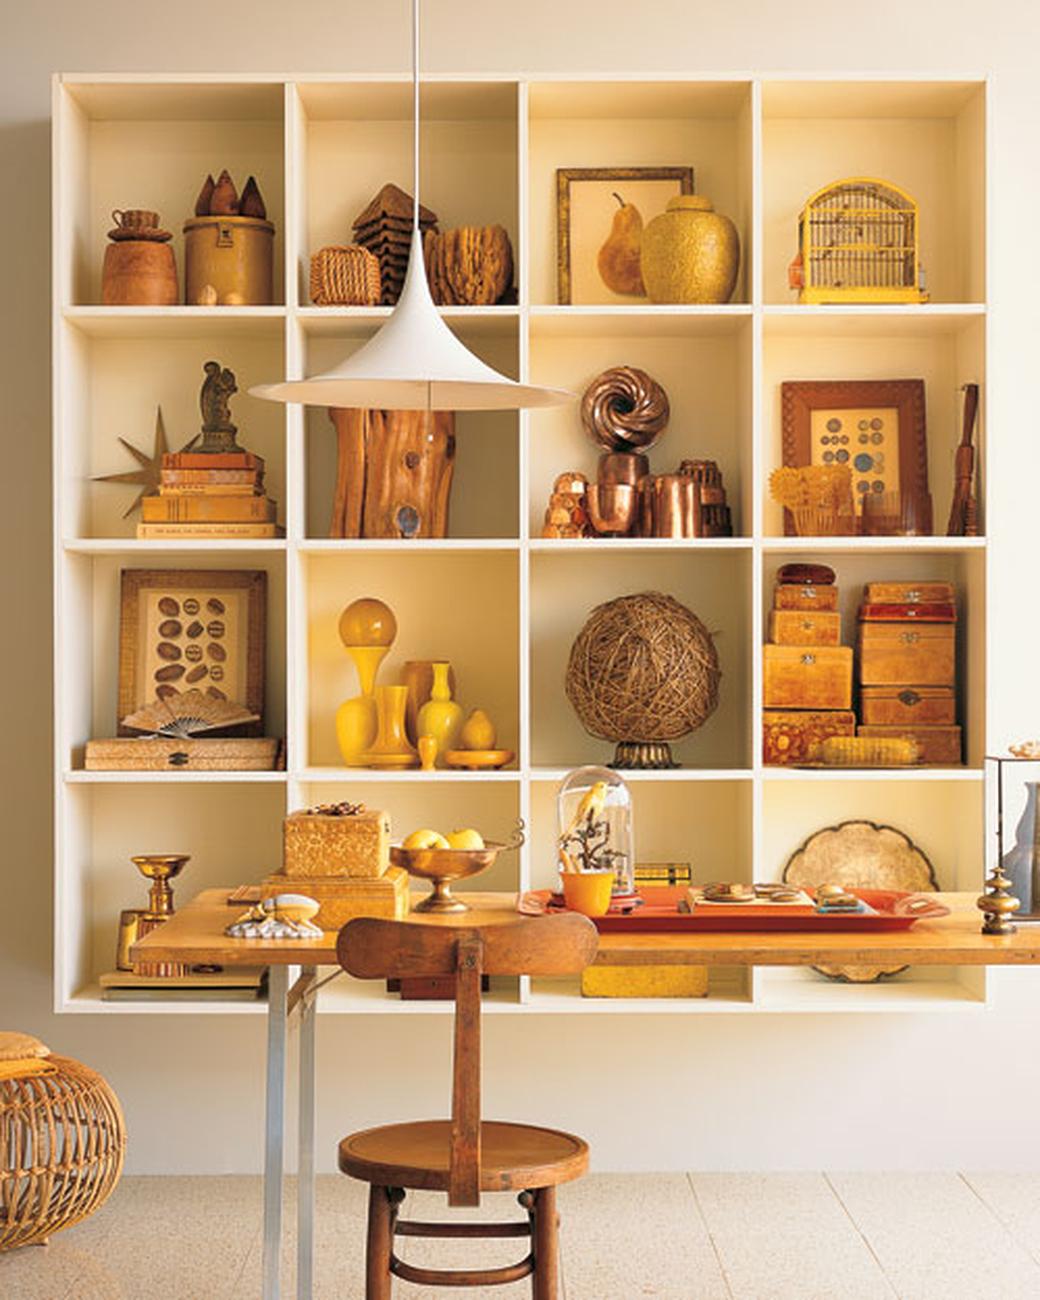 nichos-formam-grade-para-guardar-a-colecao-Martha Stewart Living